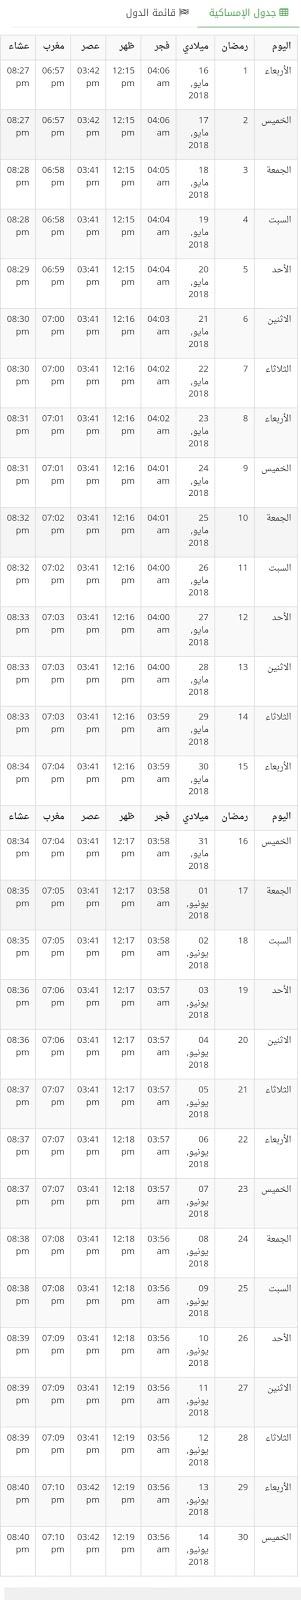 إمساكية رمضان في الإمارات 2018 , 1439 هـ